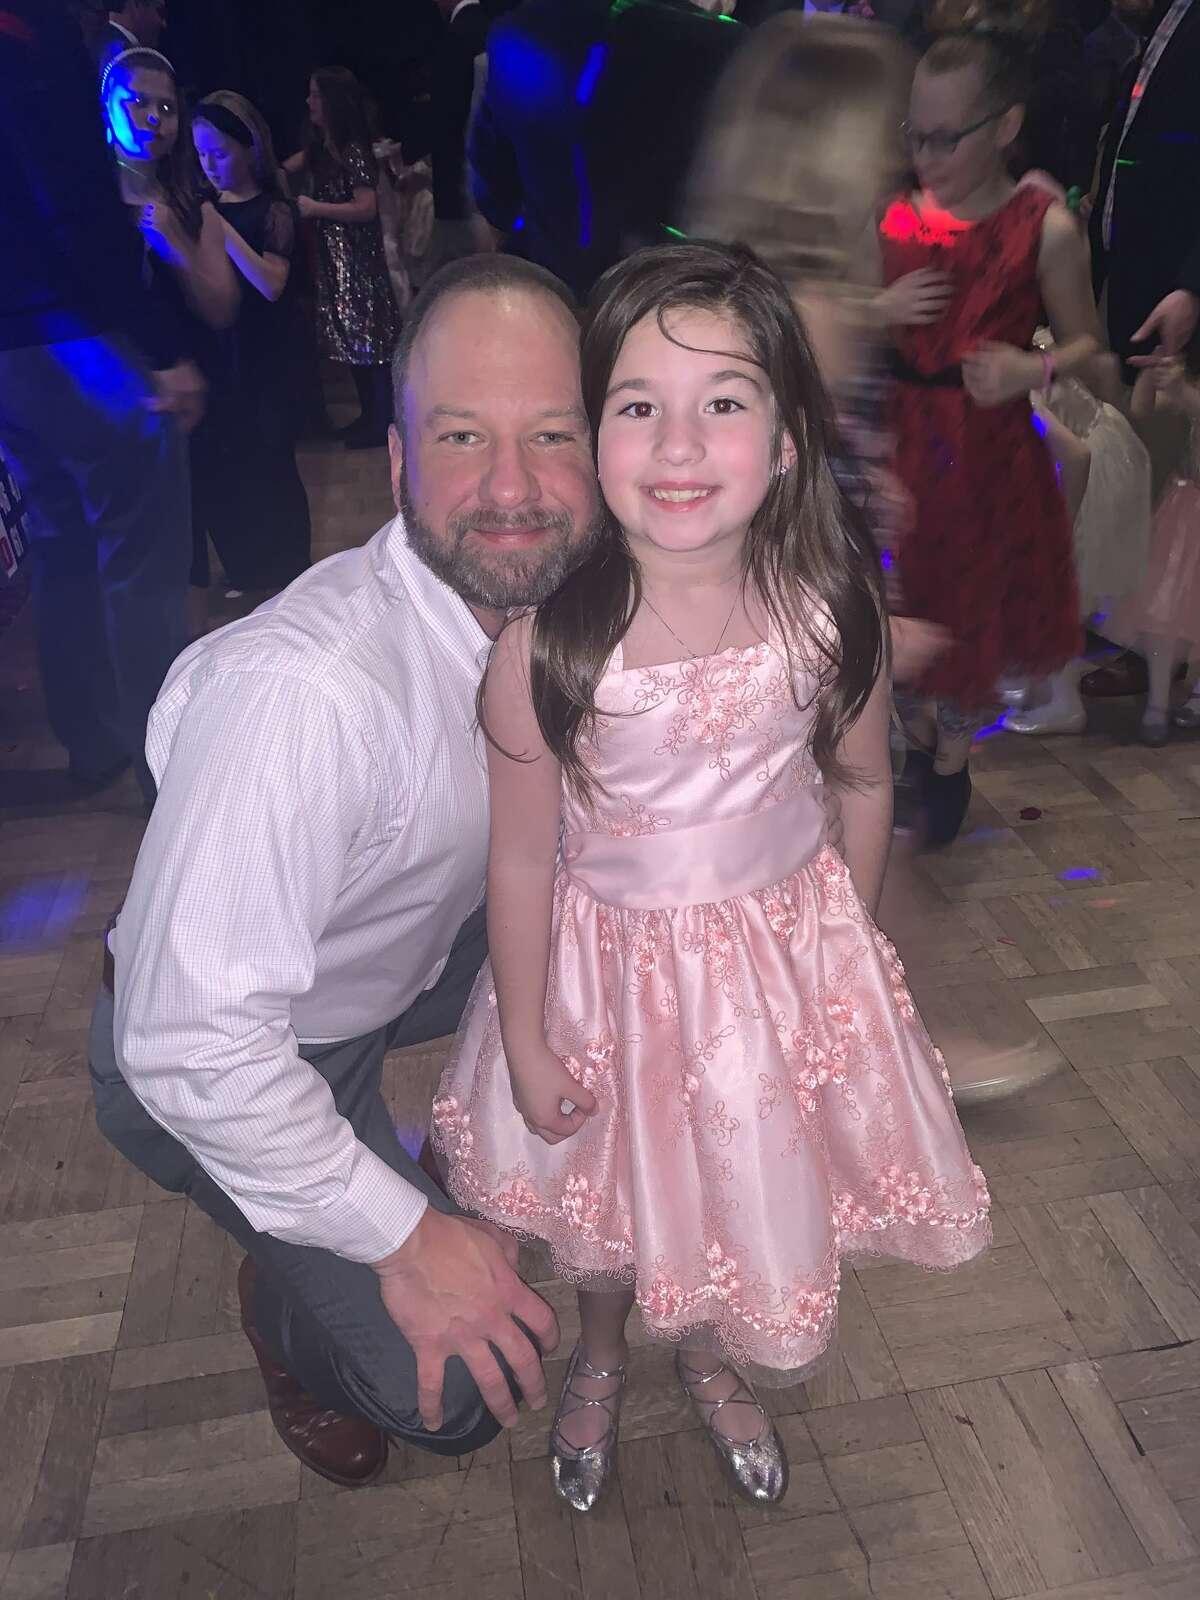 Dance: Brad Ward and Lacey Ward